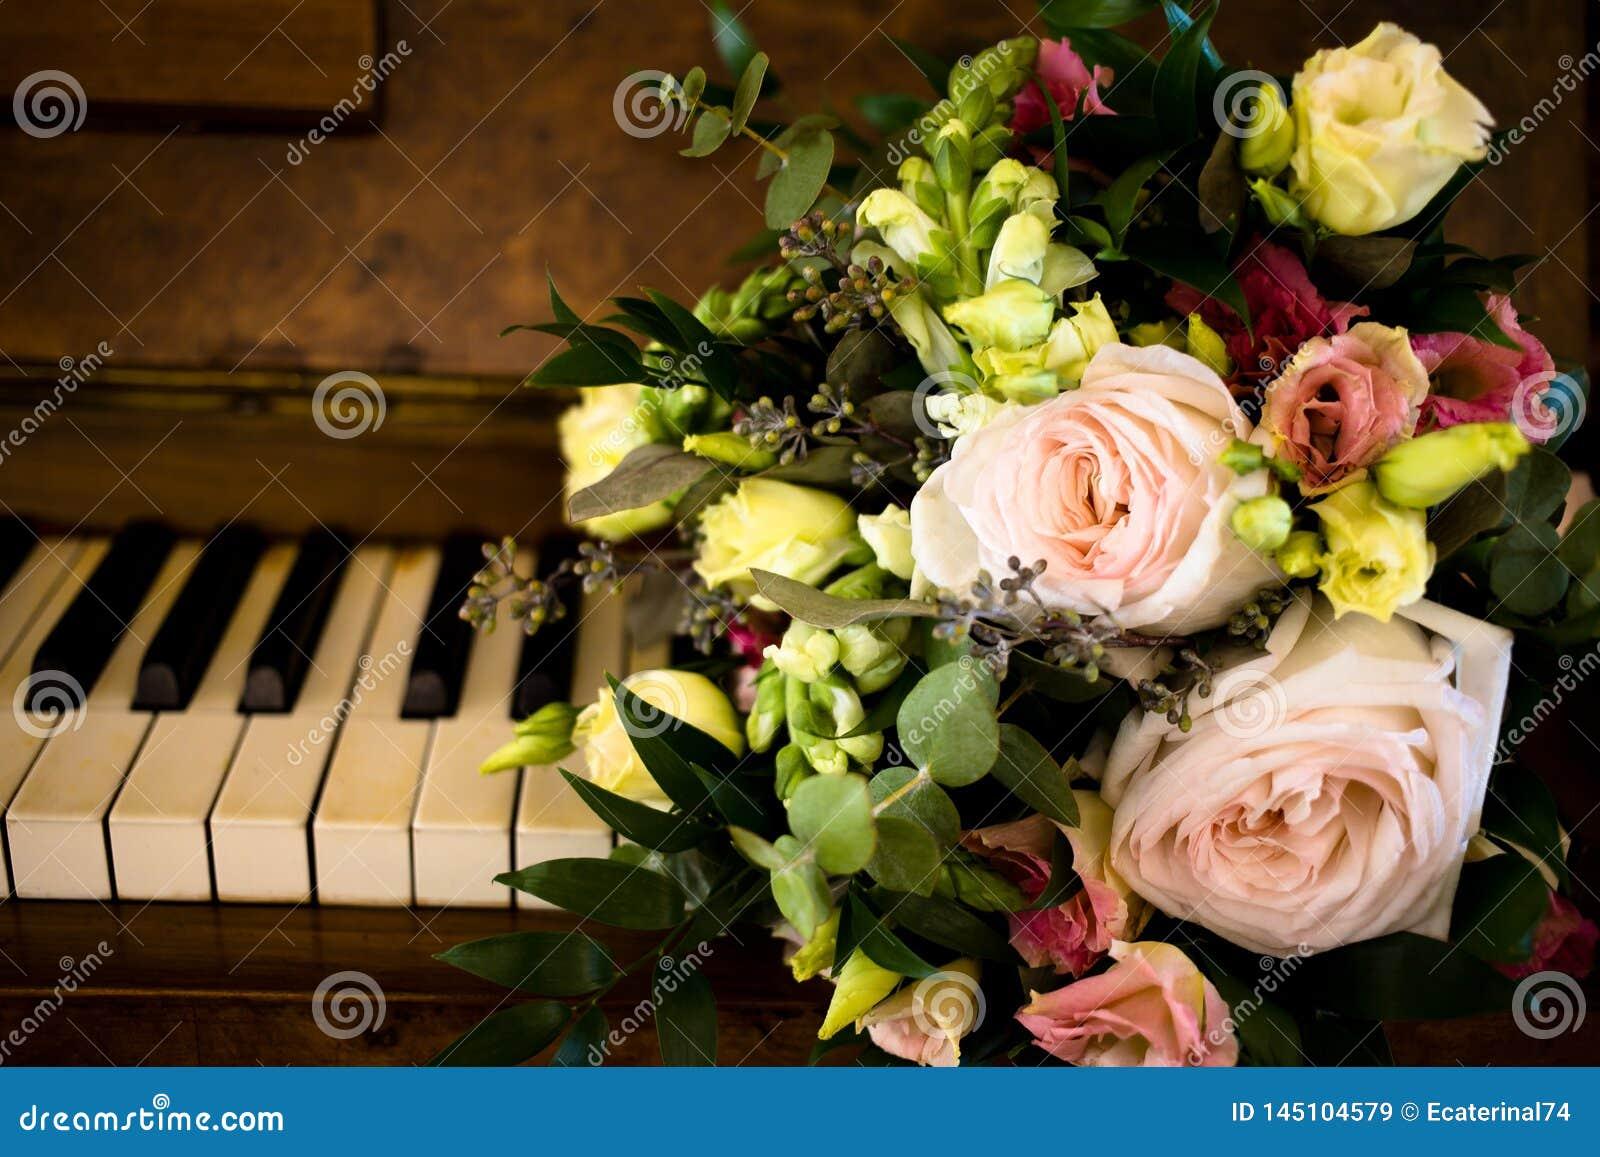 Bukiet kwiaty na kluczach pianino